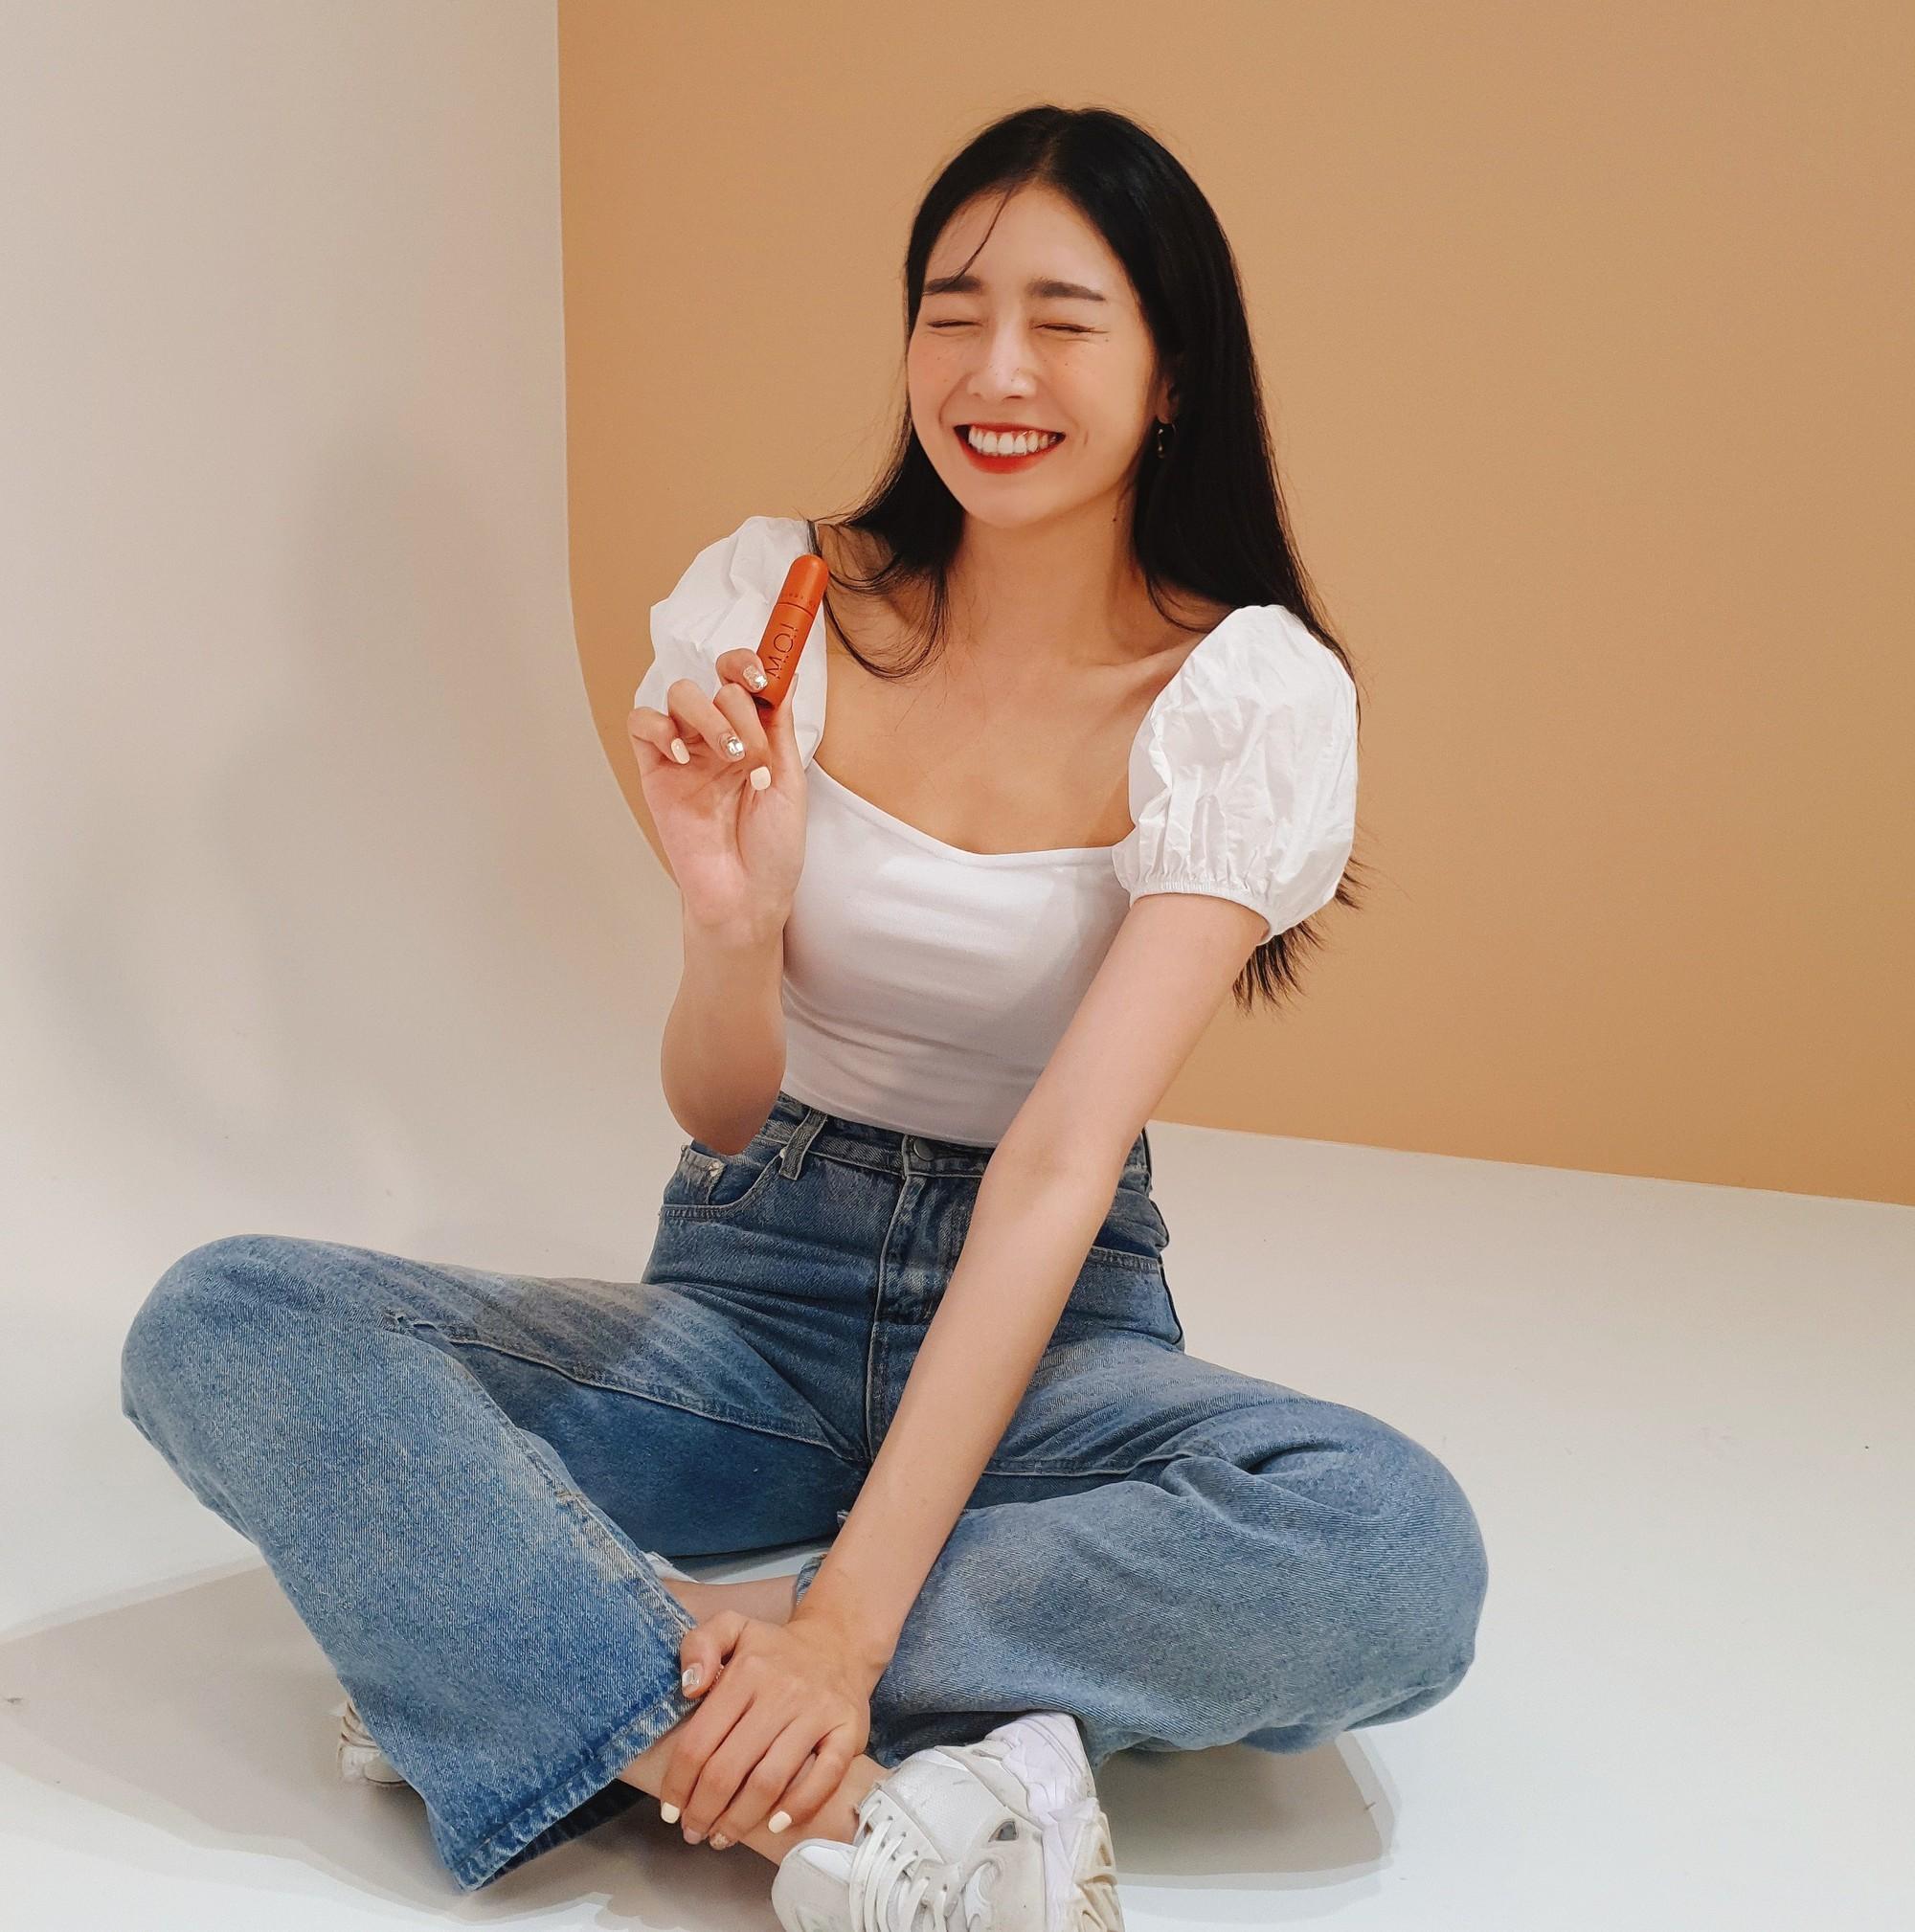 Son của Hương Giang có gì xuất sắc mà chinh phục luôn cả Hoa hậu Hàn Quốc? - Ảnh 8.